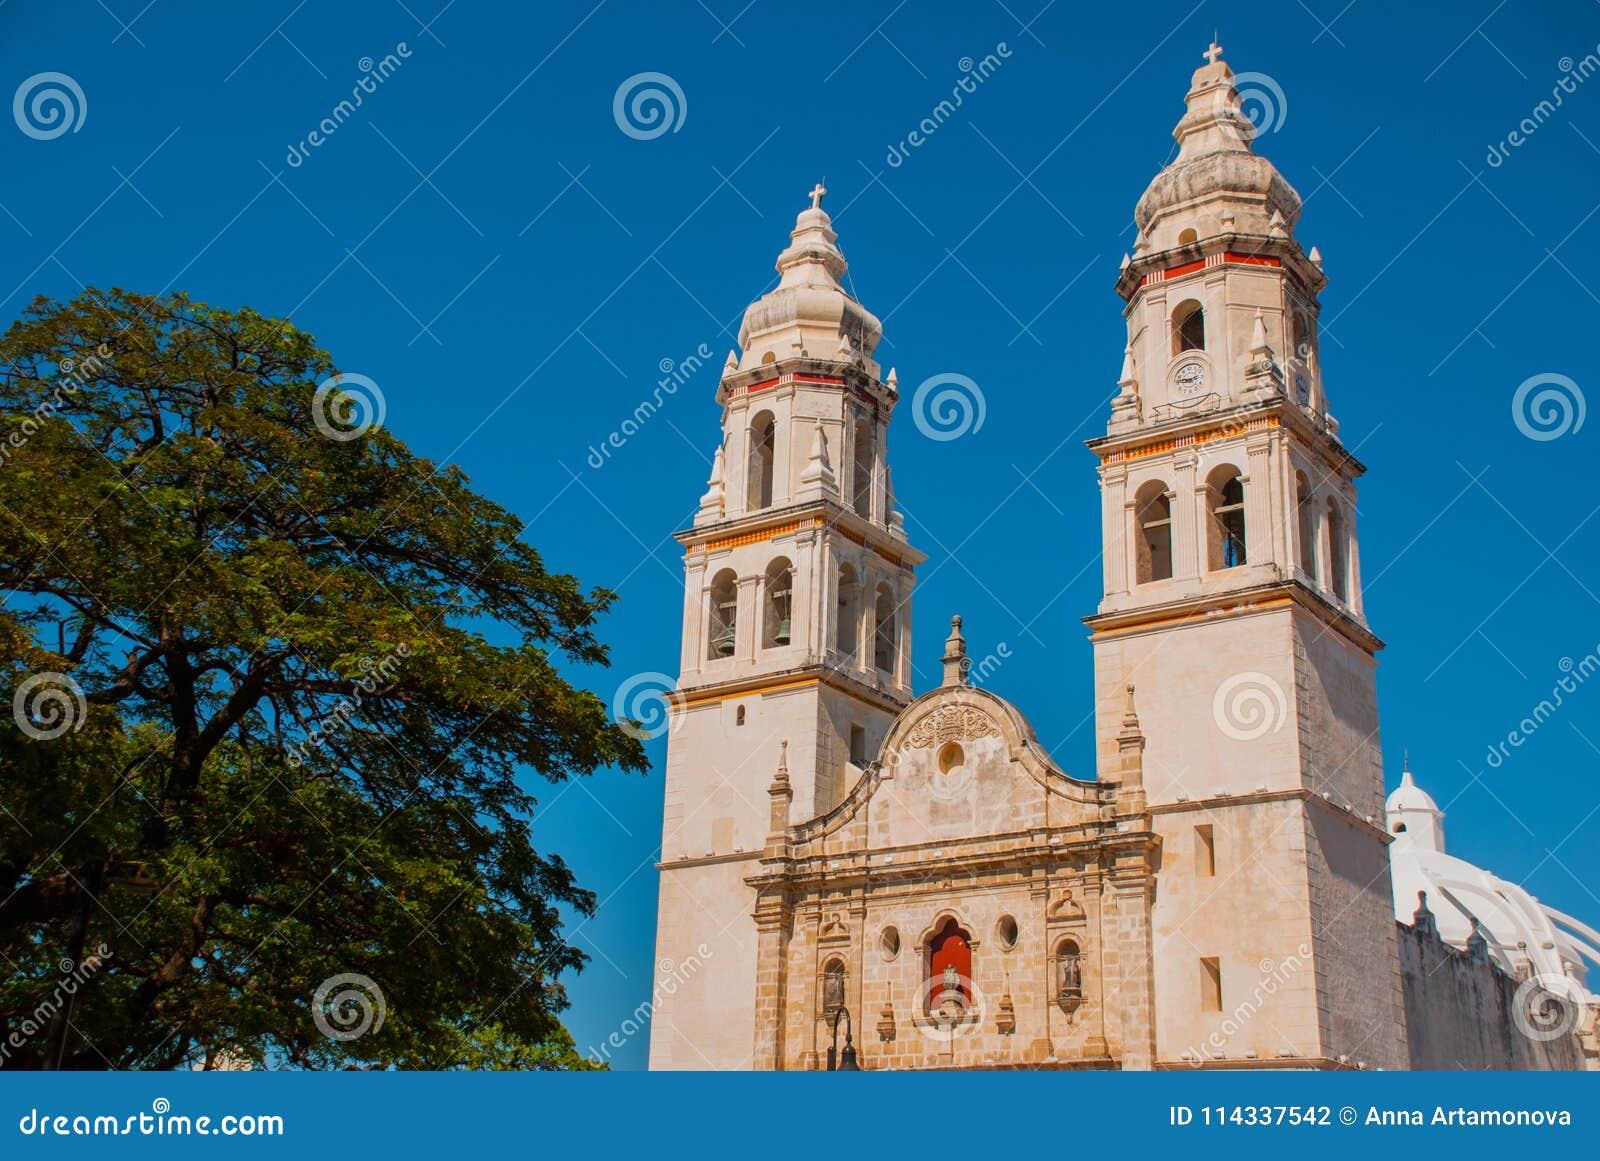 Domkyrka på bakgrunden av blå himmel San Francisco de Campeche, Mexico